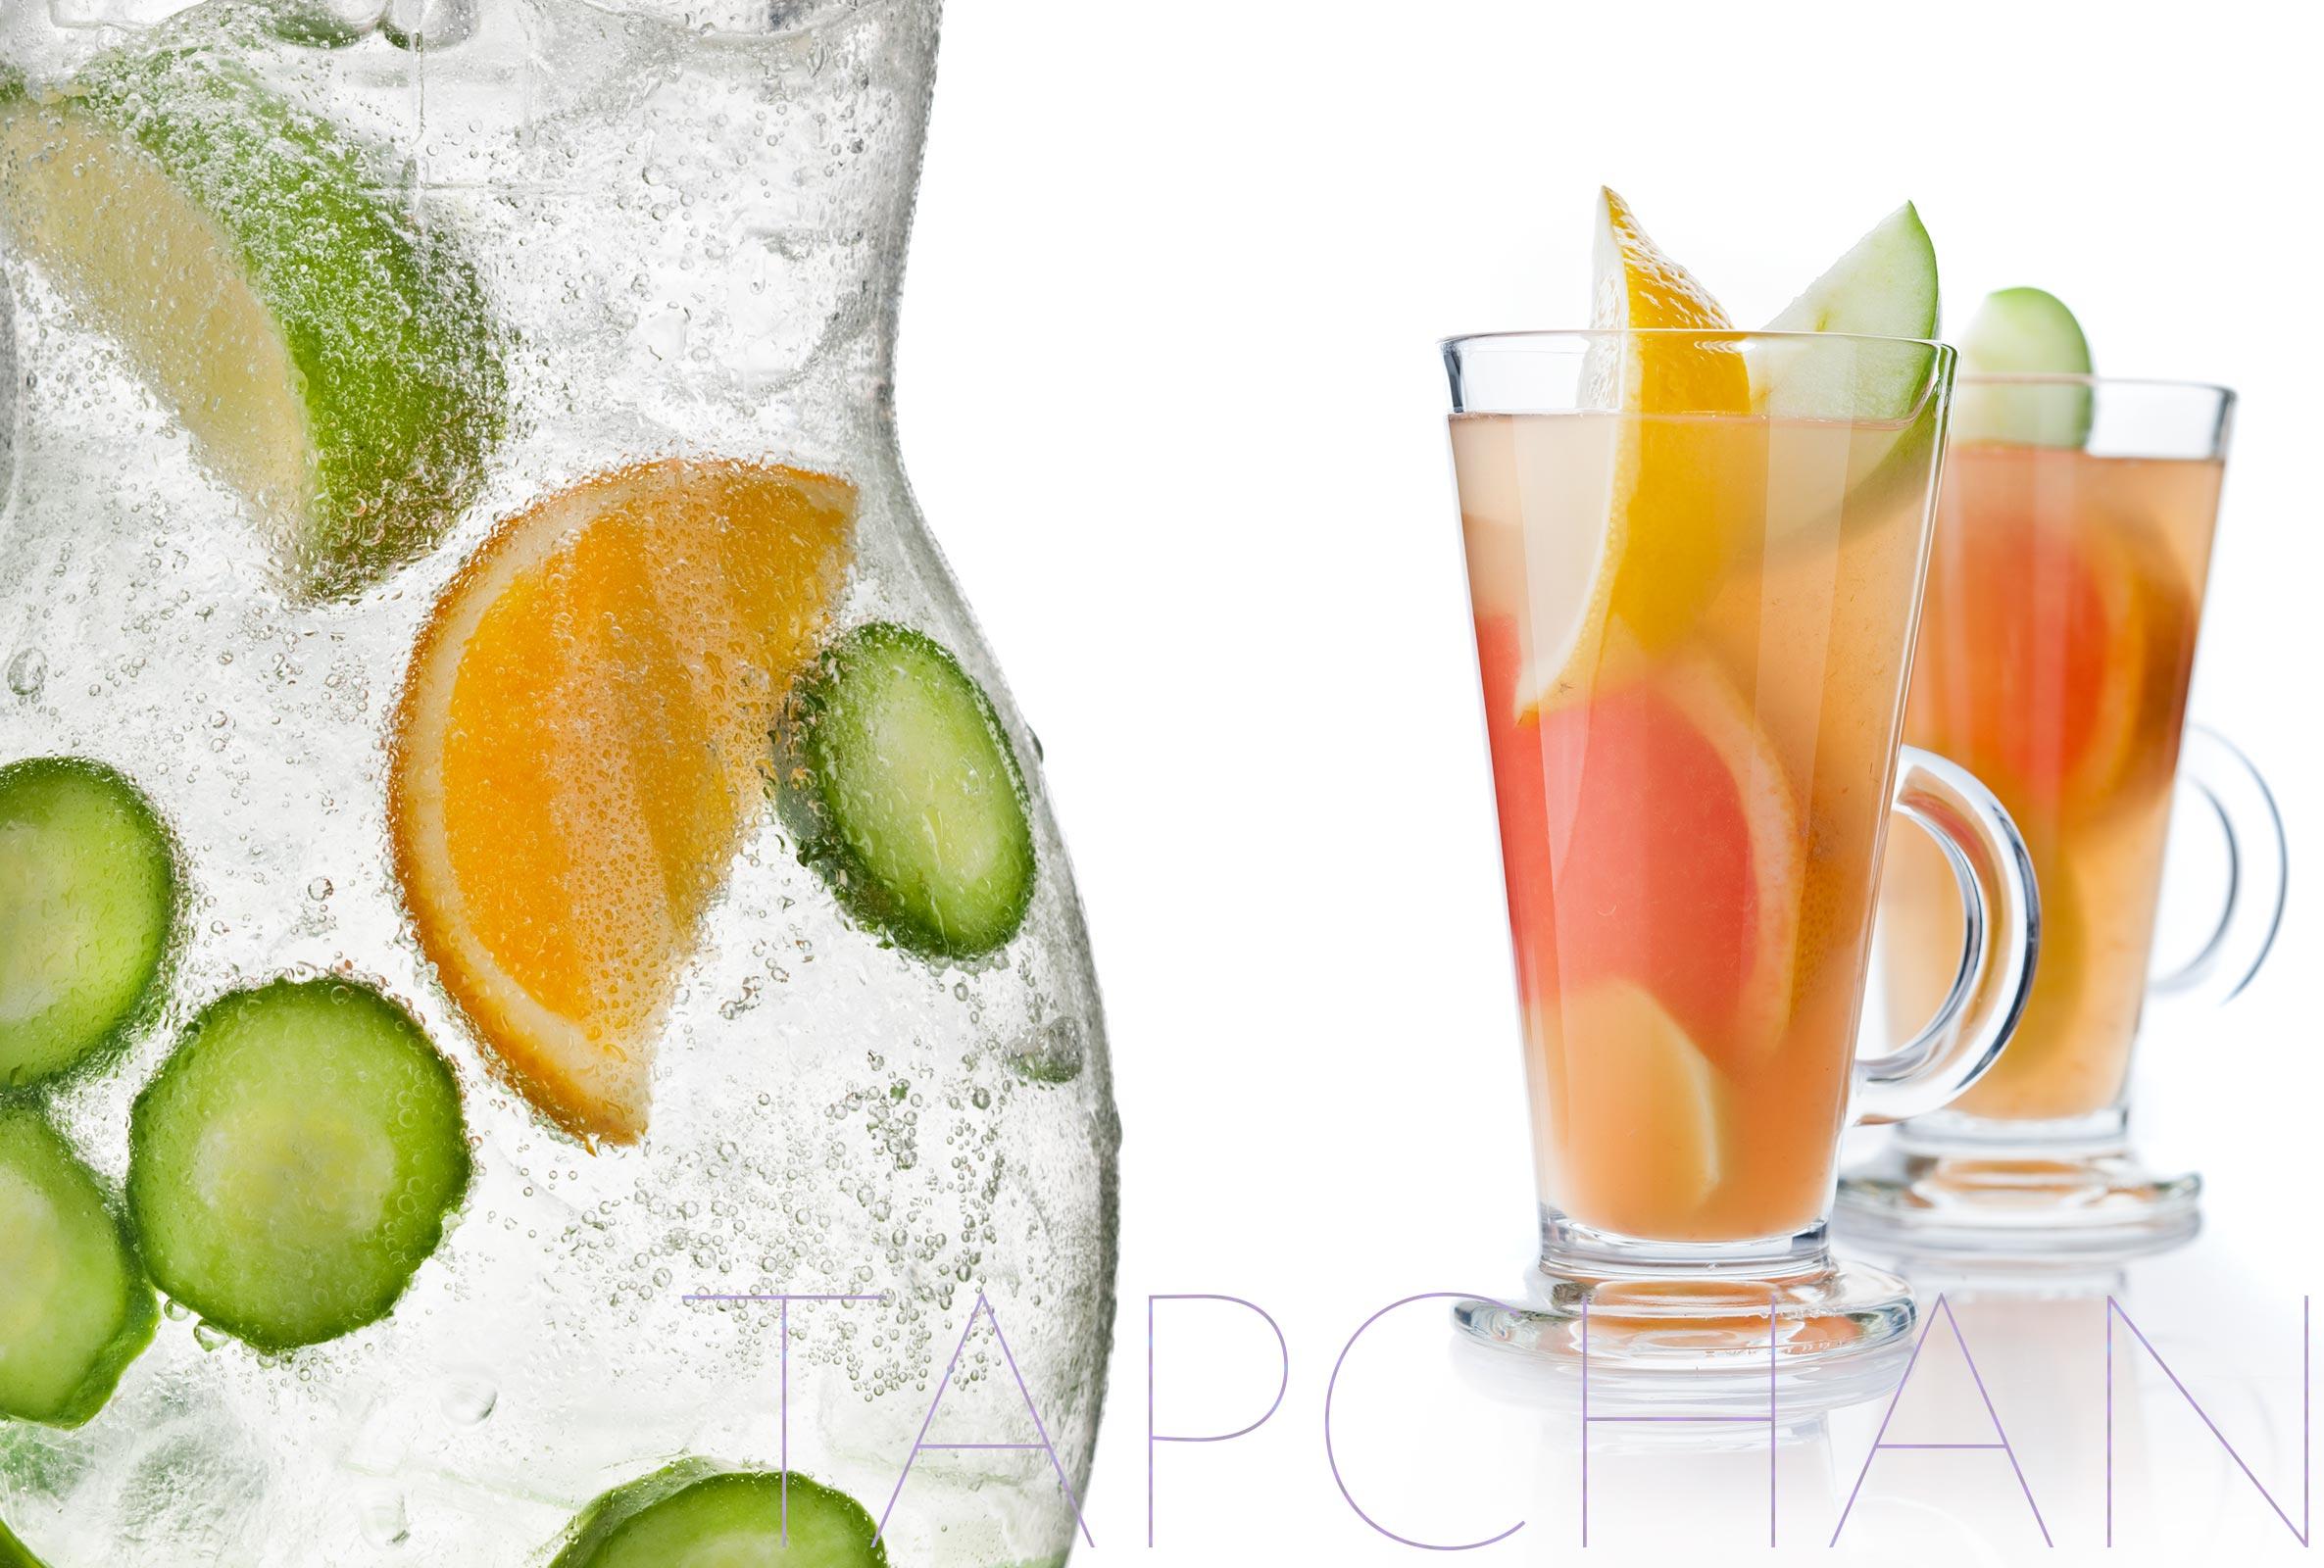 Открытки любимому, напитки картинки для меню